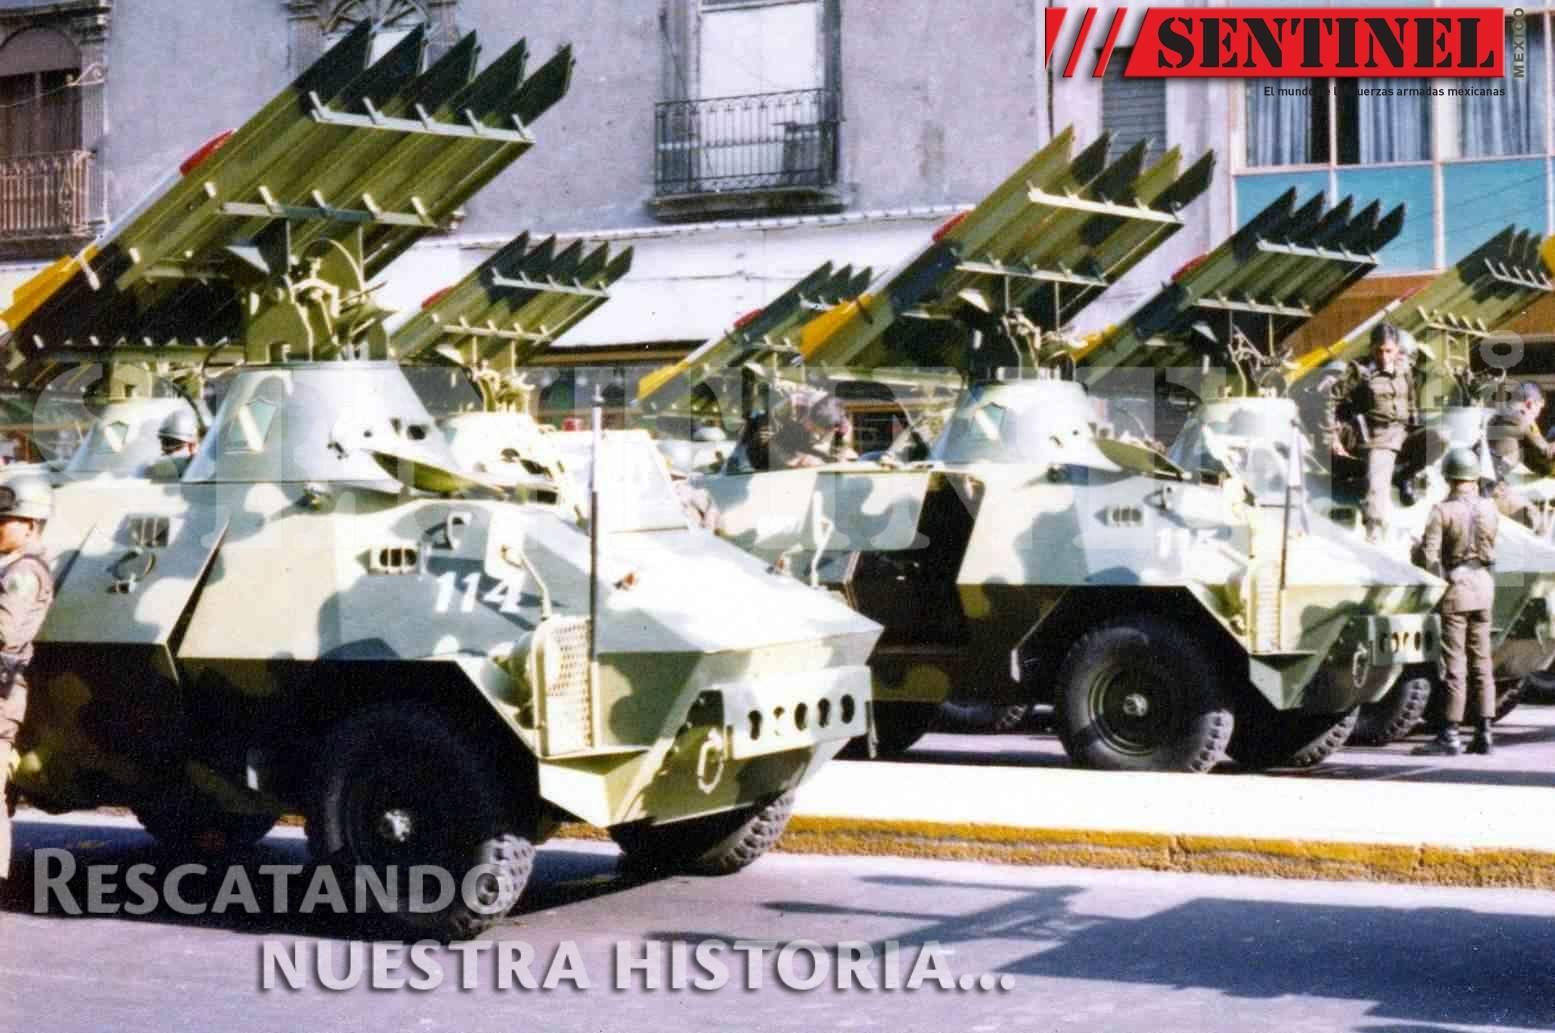 fotos vintage de las Fuerzas armadas mexicanas - Página 6 28s5u2f